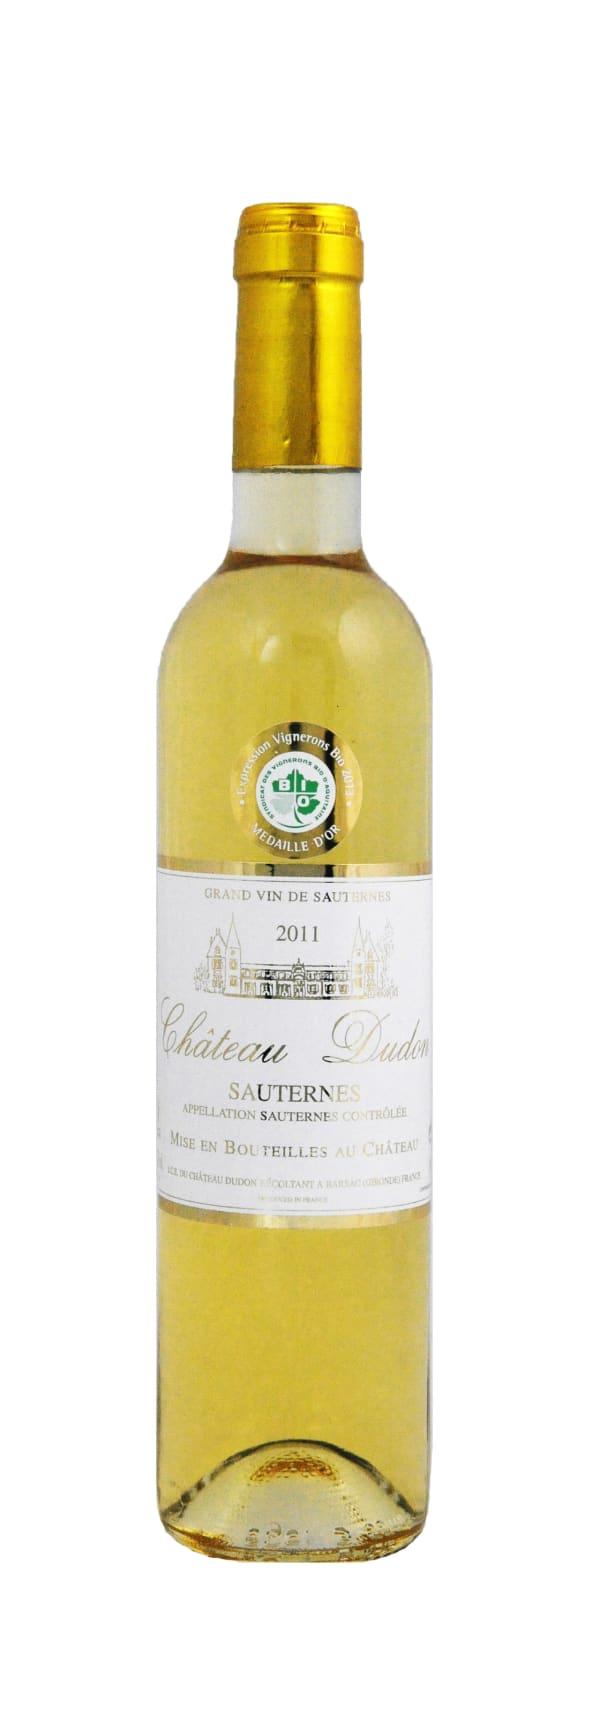 Château Dudon 2010